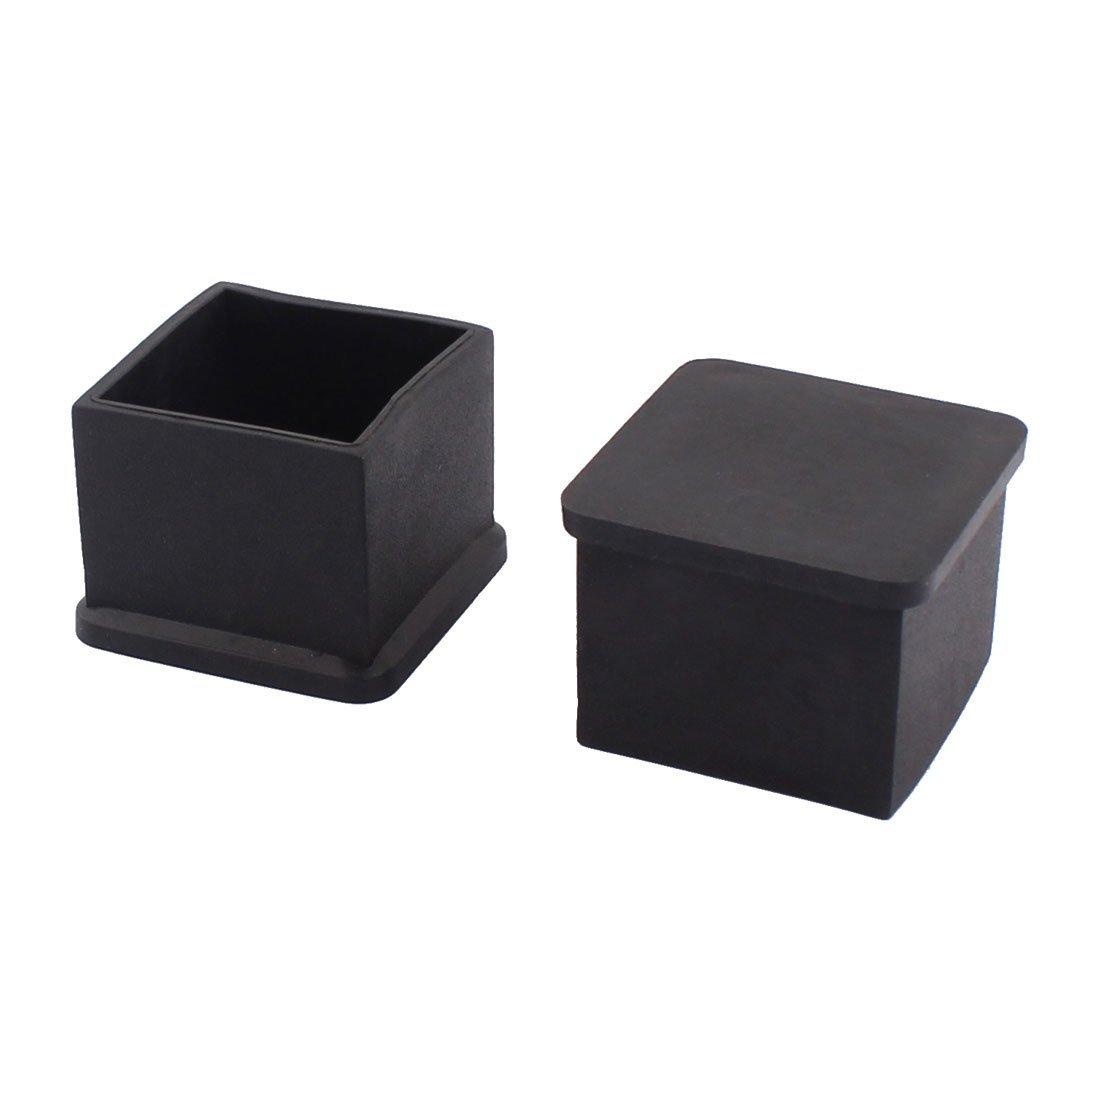 Amazon.com: Piernas eDealMax Muebles de plástico Silla Tabla Base ...